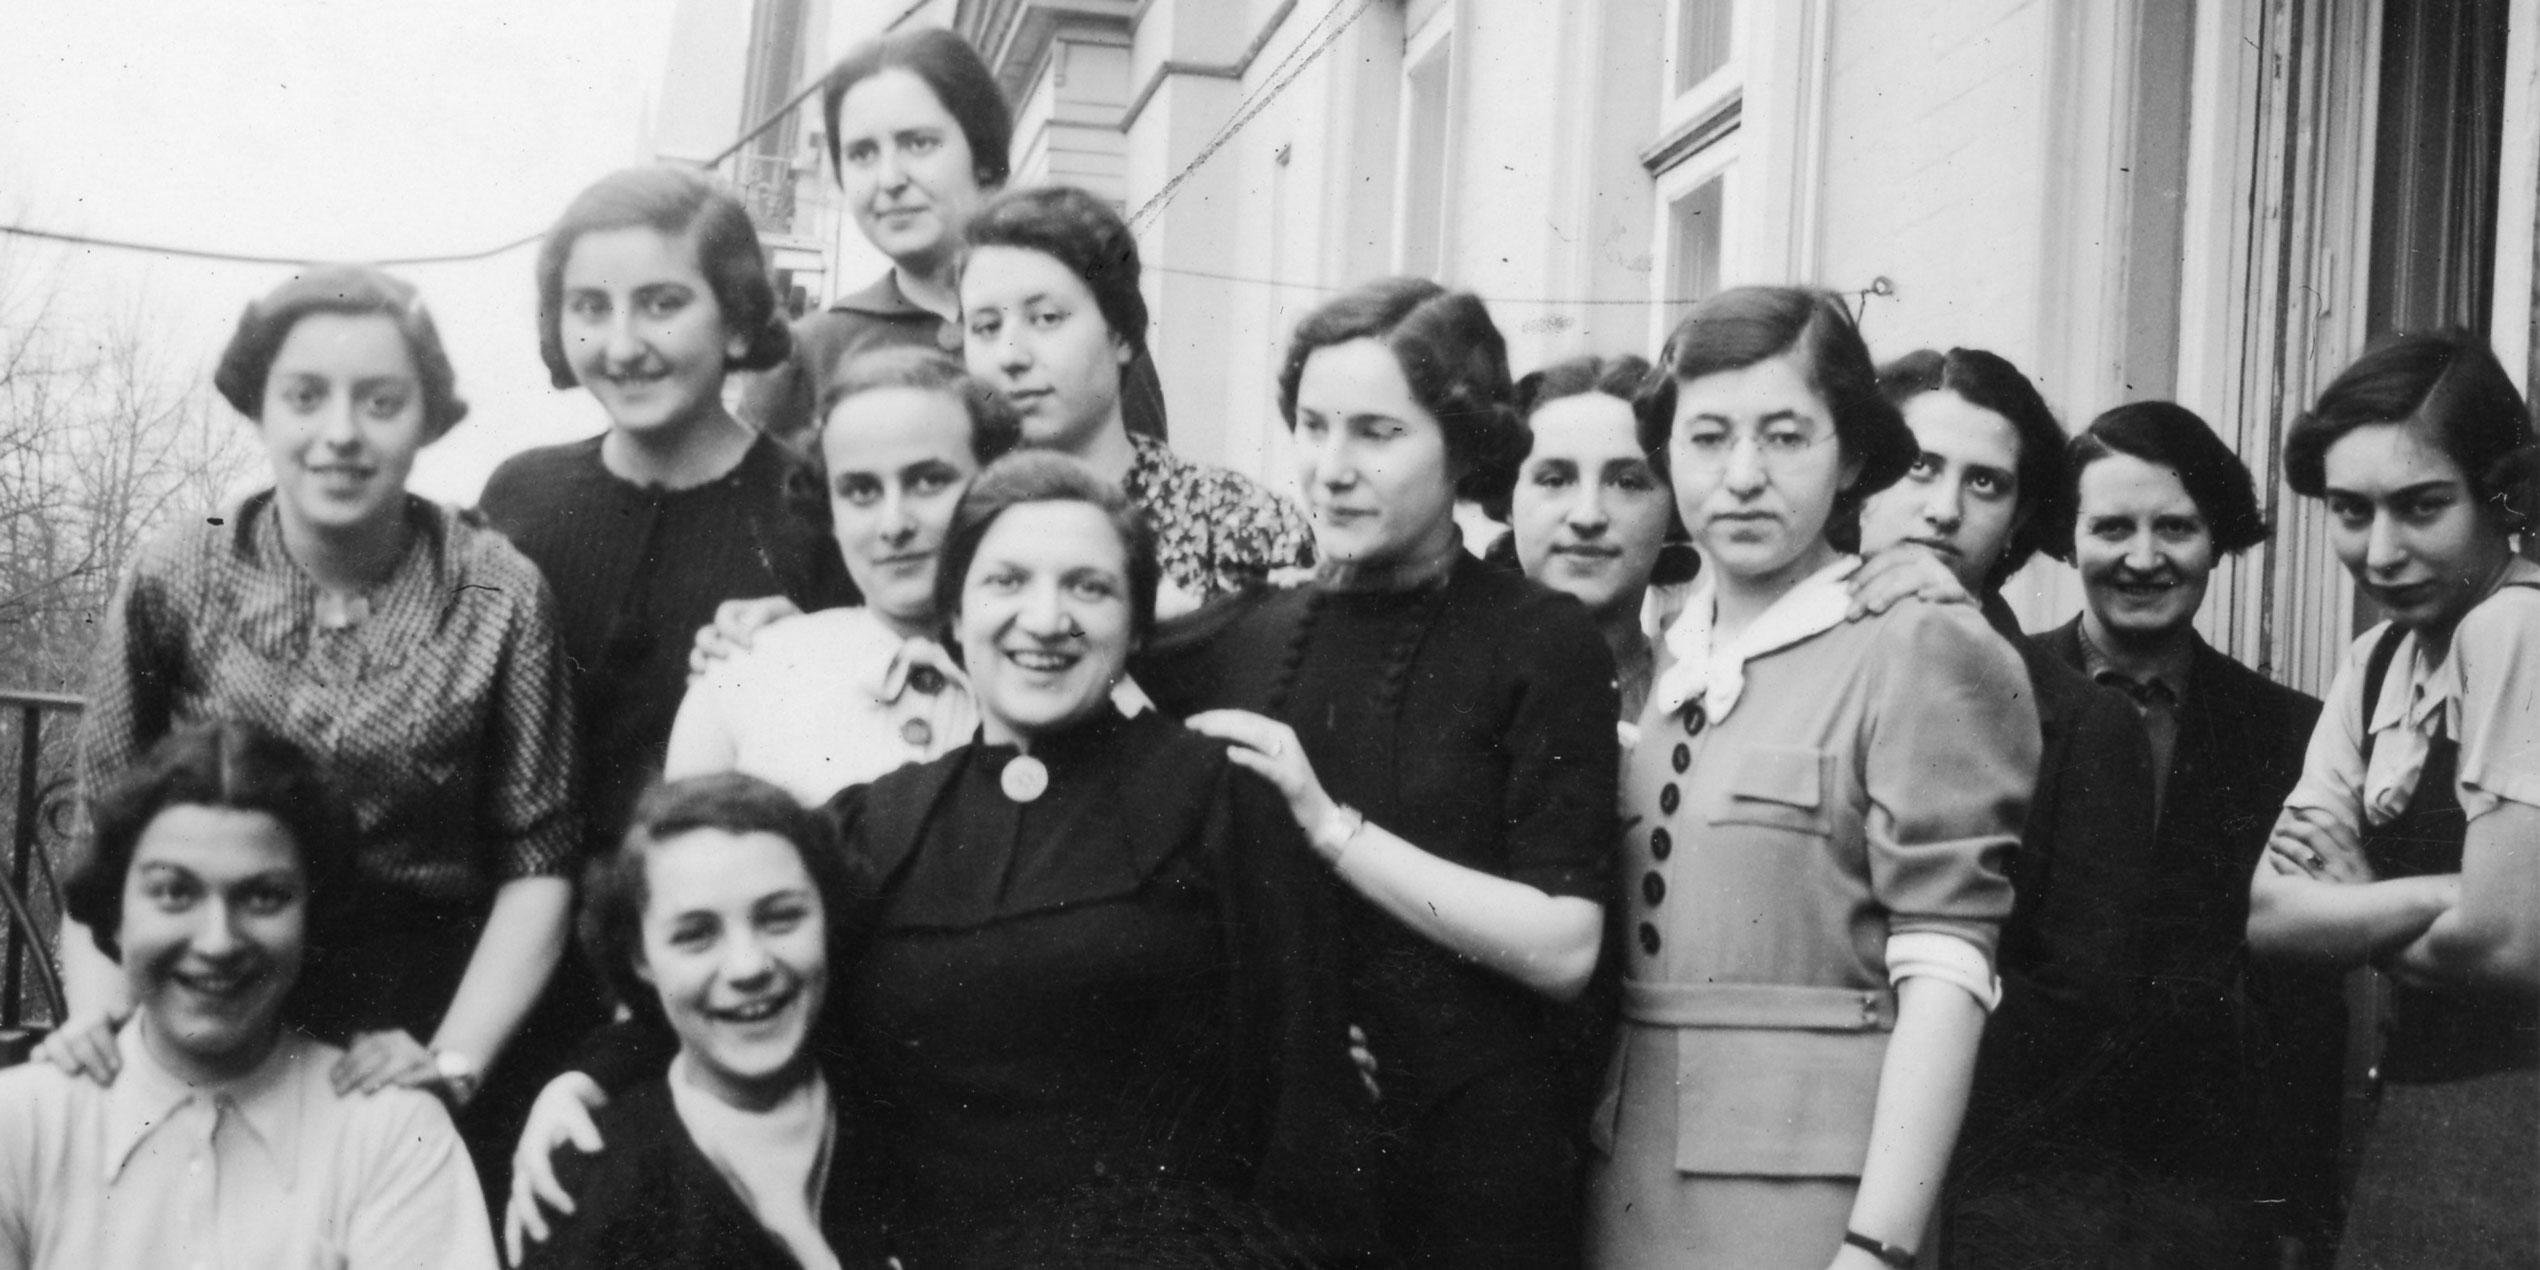 Katholischer Junge datiert jüdisches Mädchen